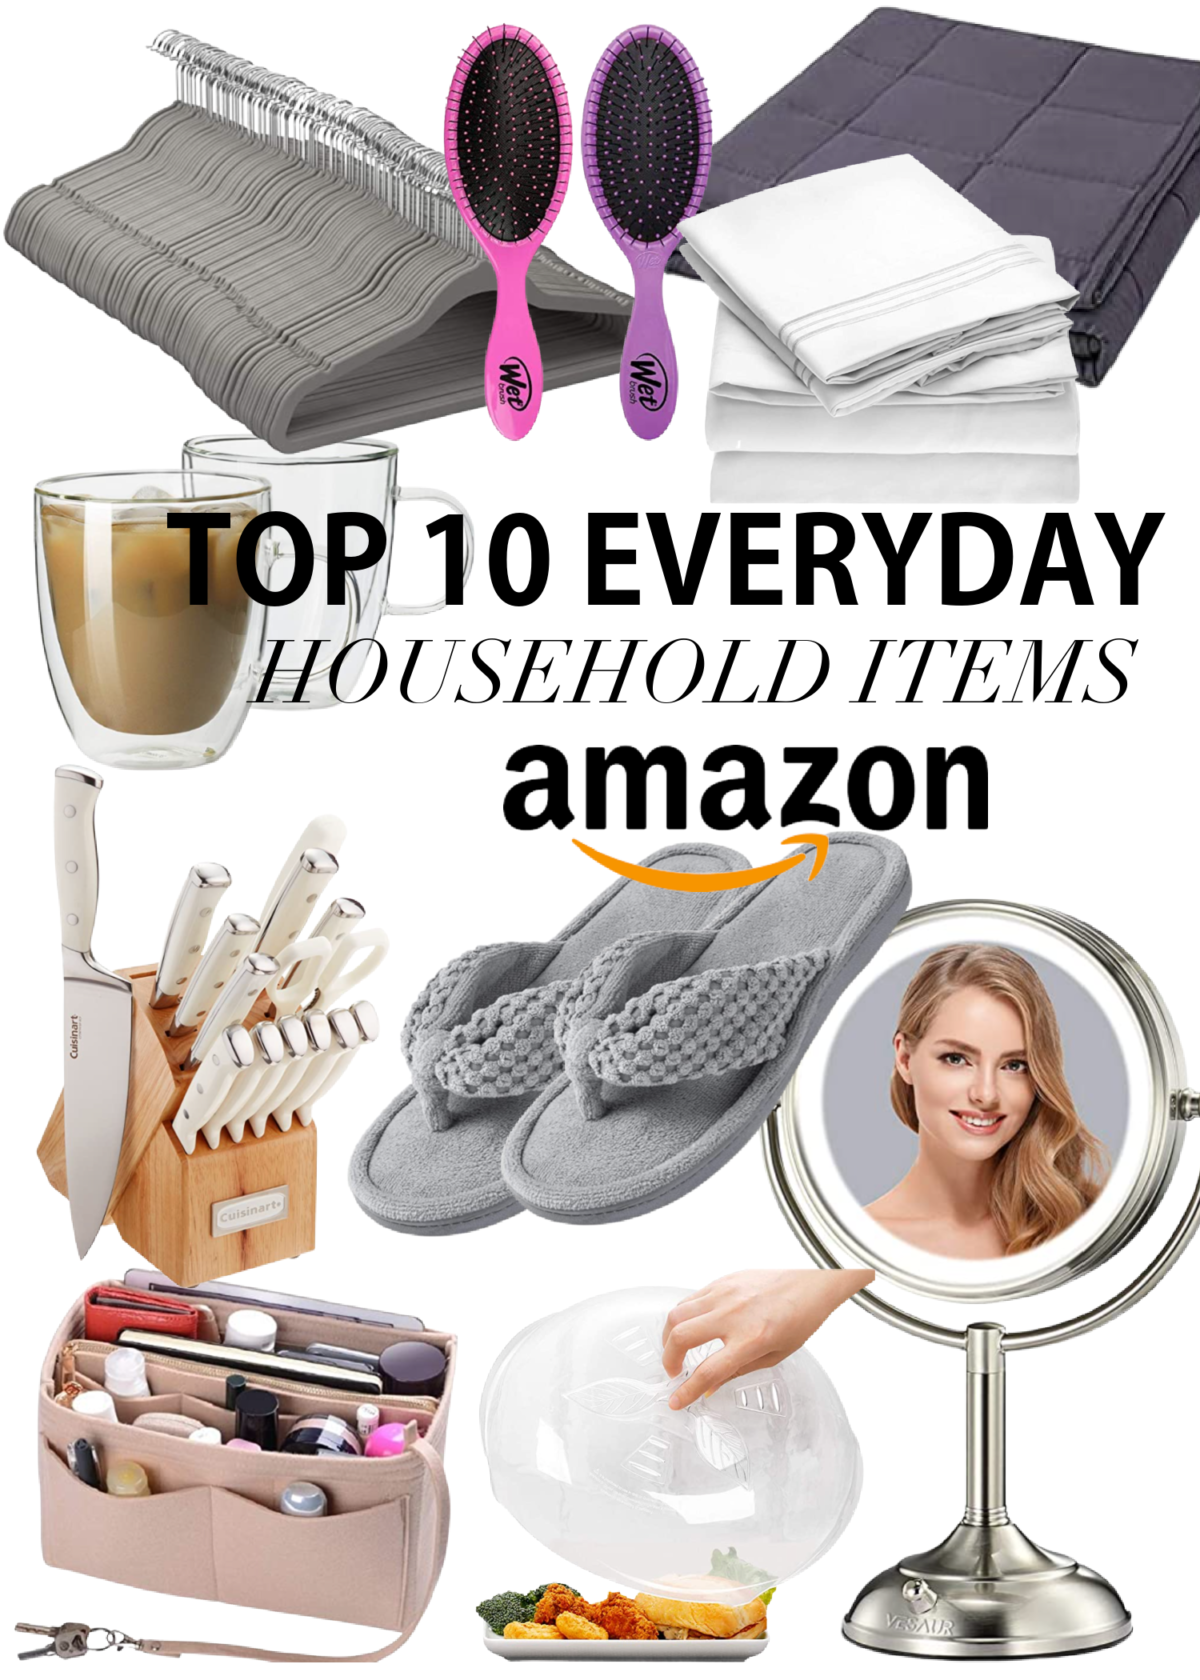 Top 10 Amazon Household Items